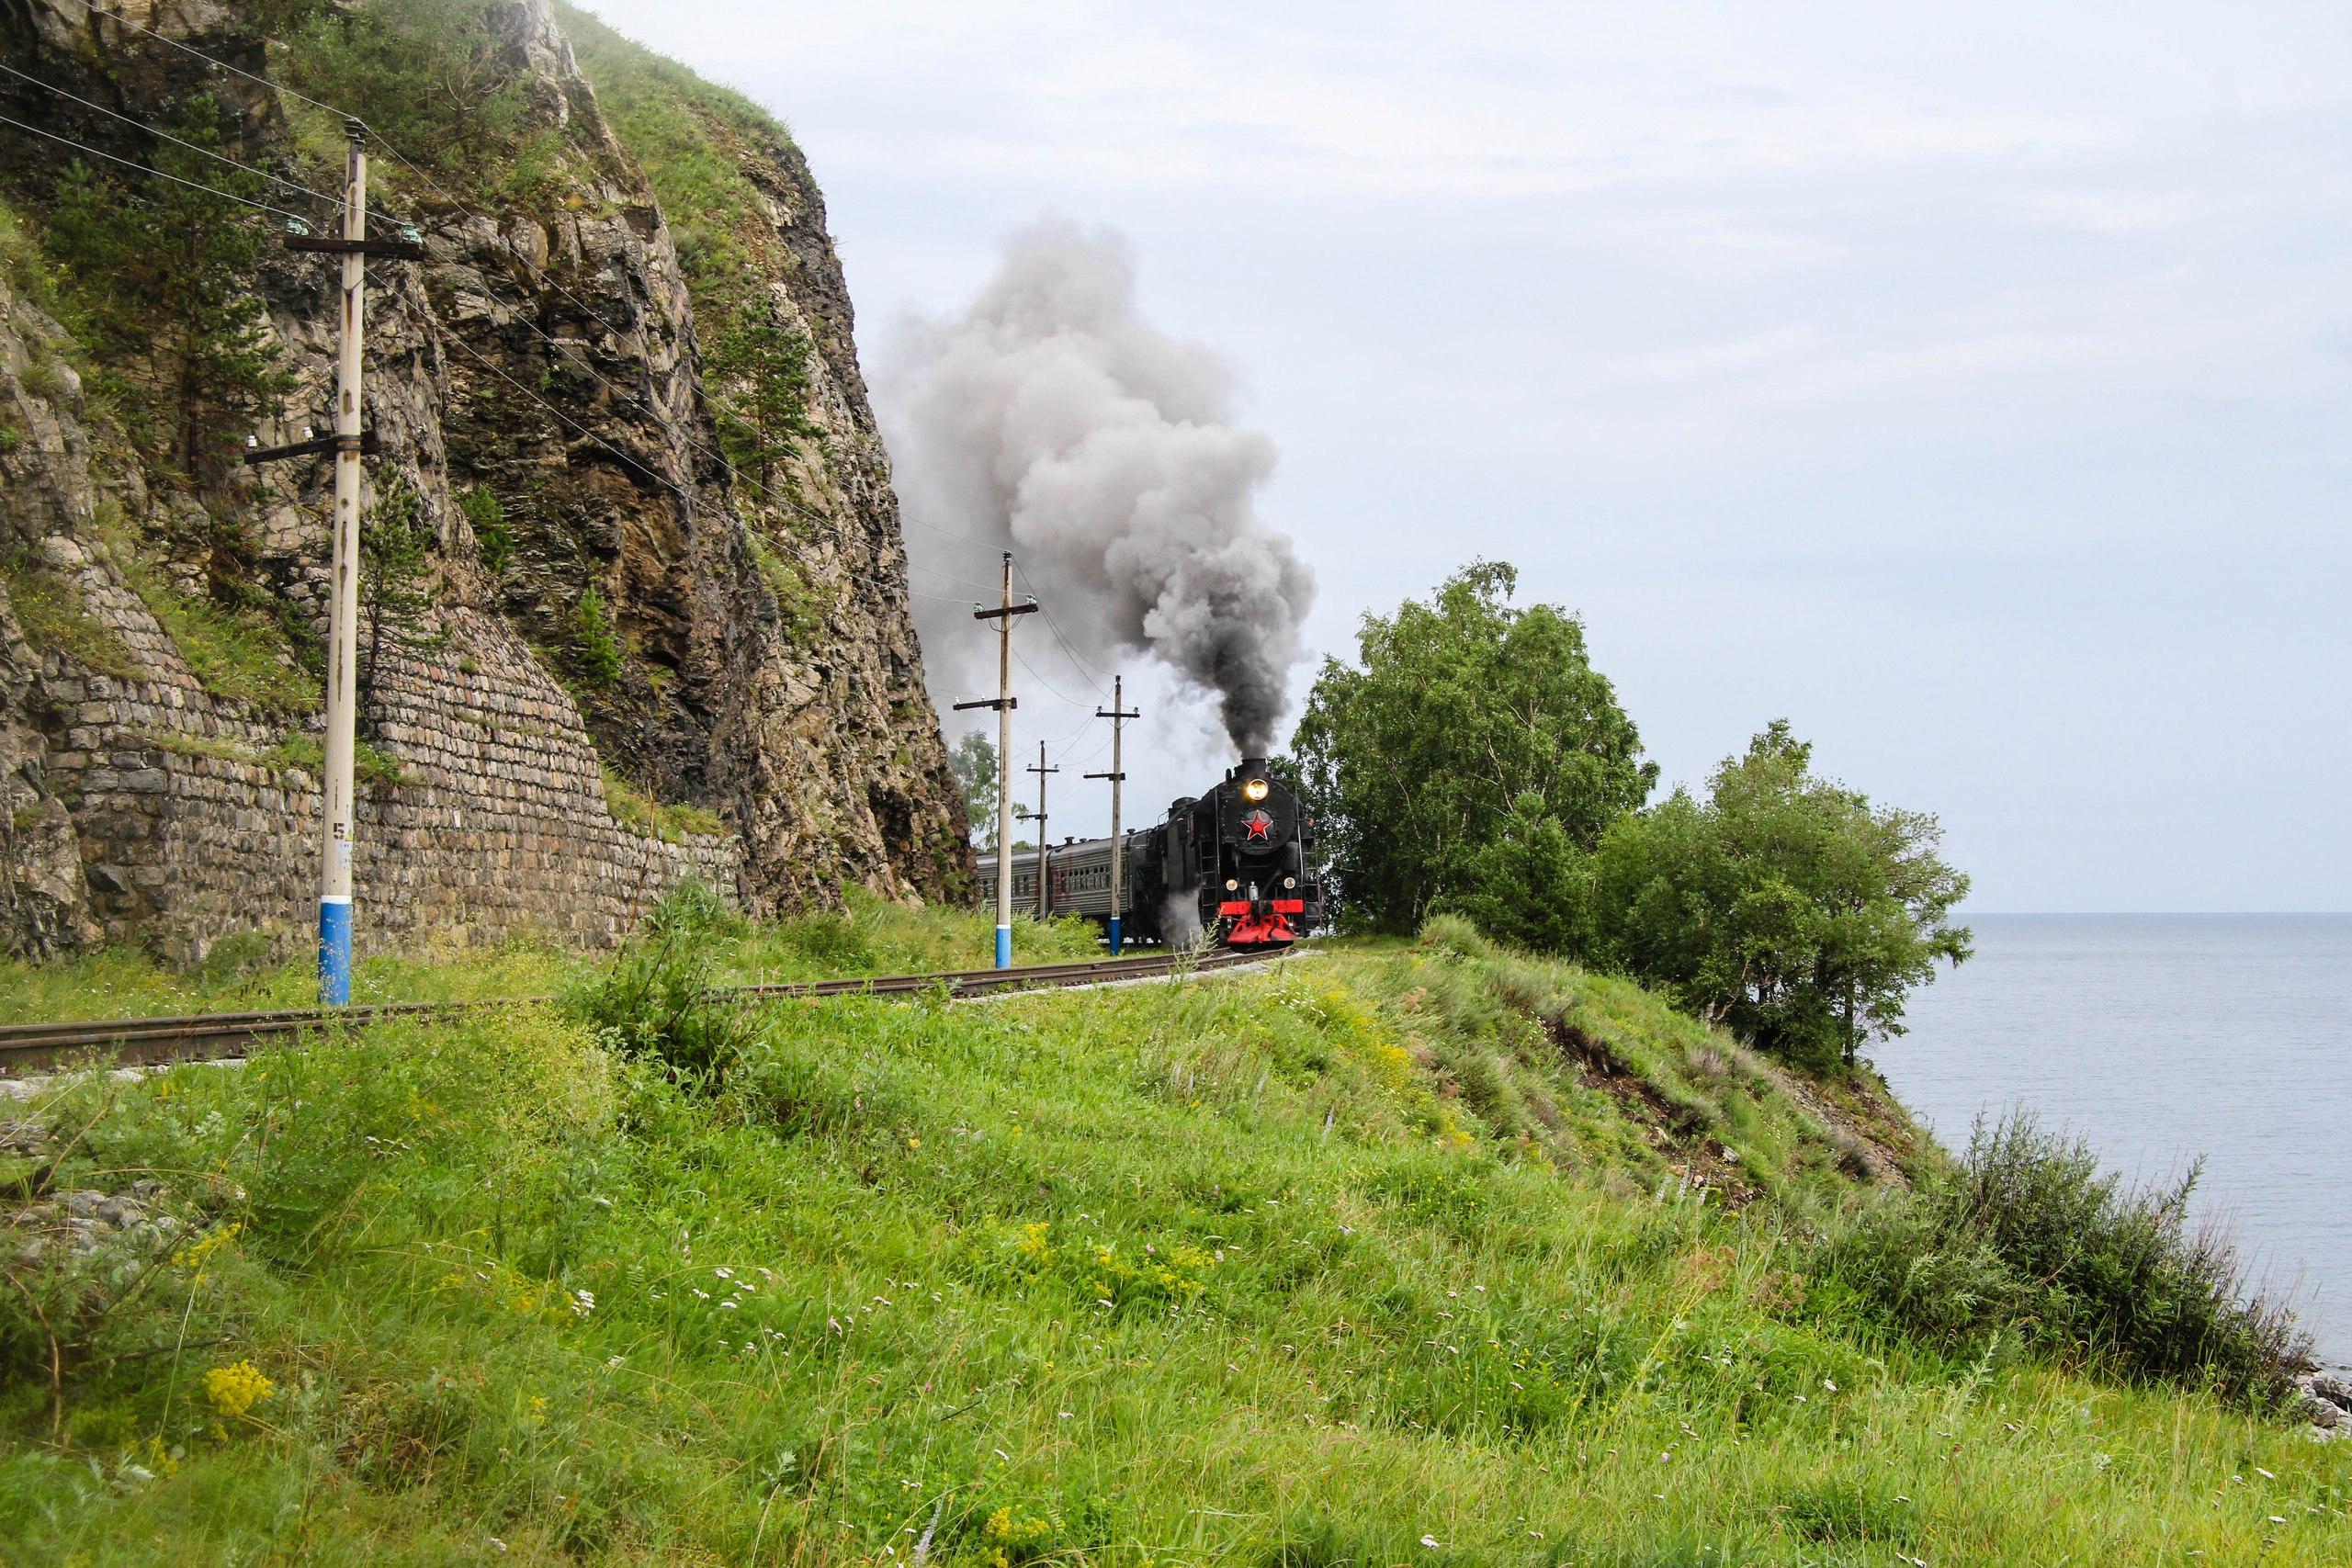 Кругобайкальская железная дорога около озера Байкал. Старый поезд с паровозом